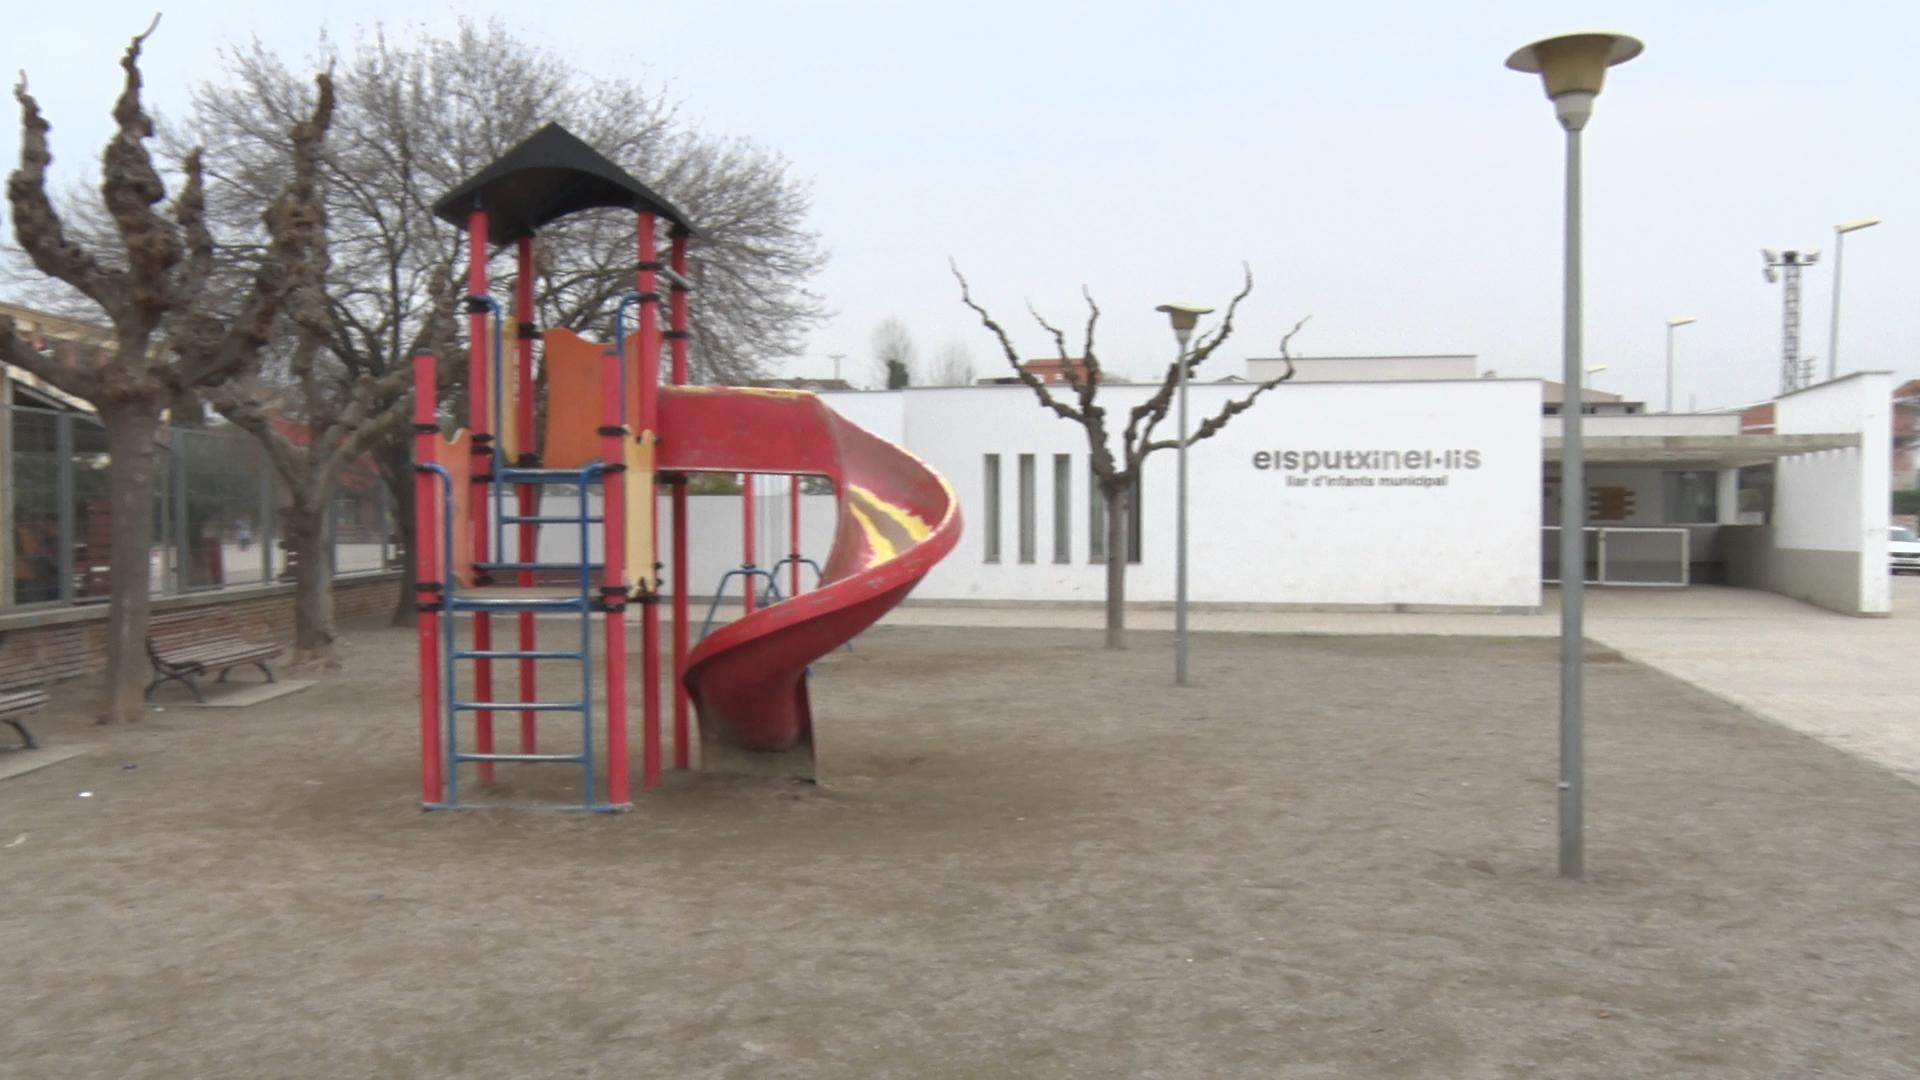 La Paeria de Balaguer treu a licitació les obres de reforma del parc de Els Putxinel·lis